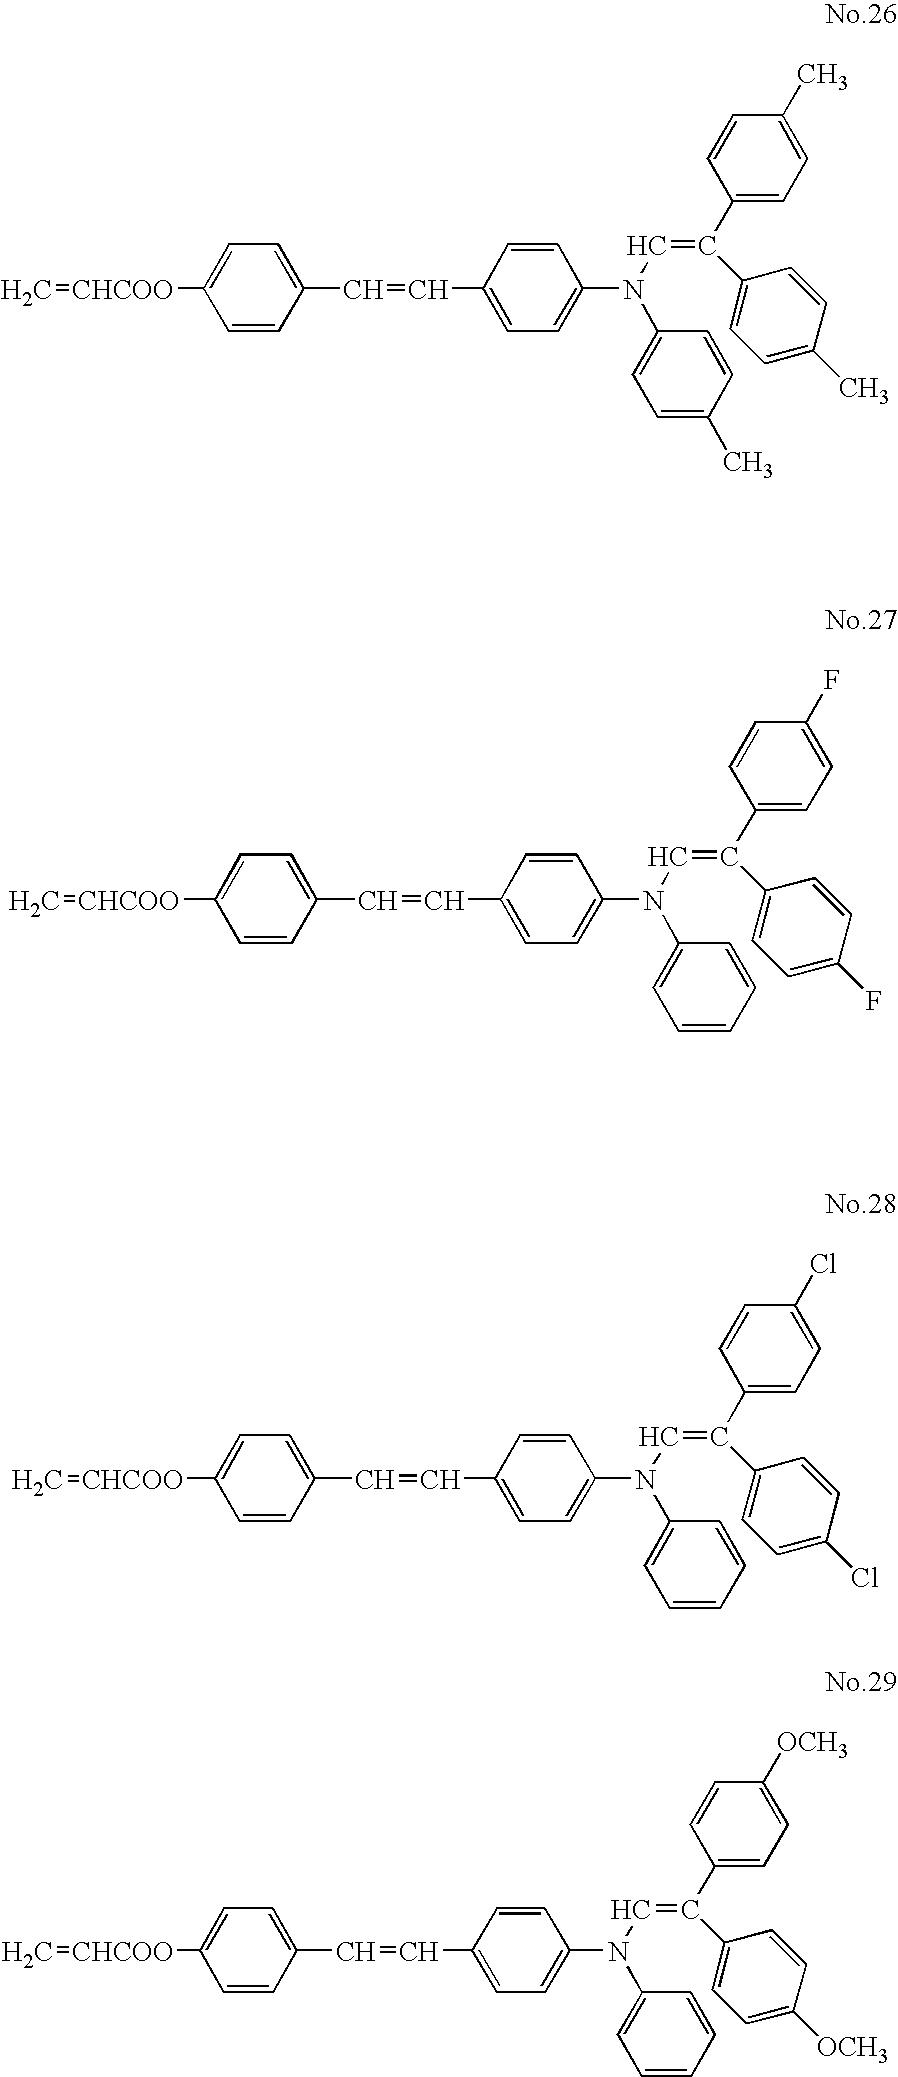 Figure US07507509-20090324-C00011